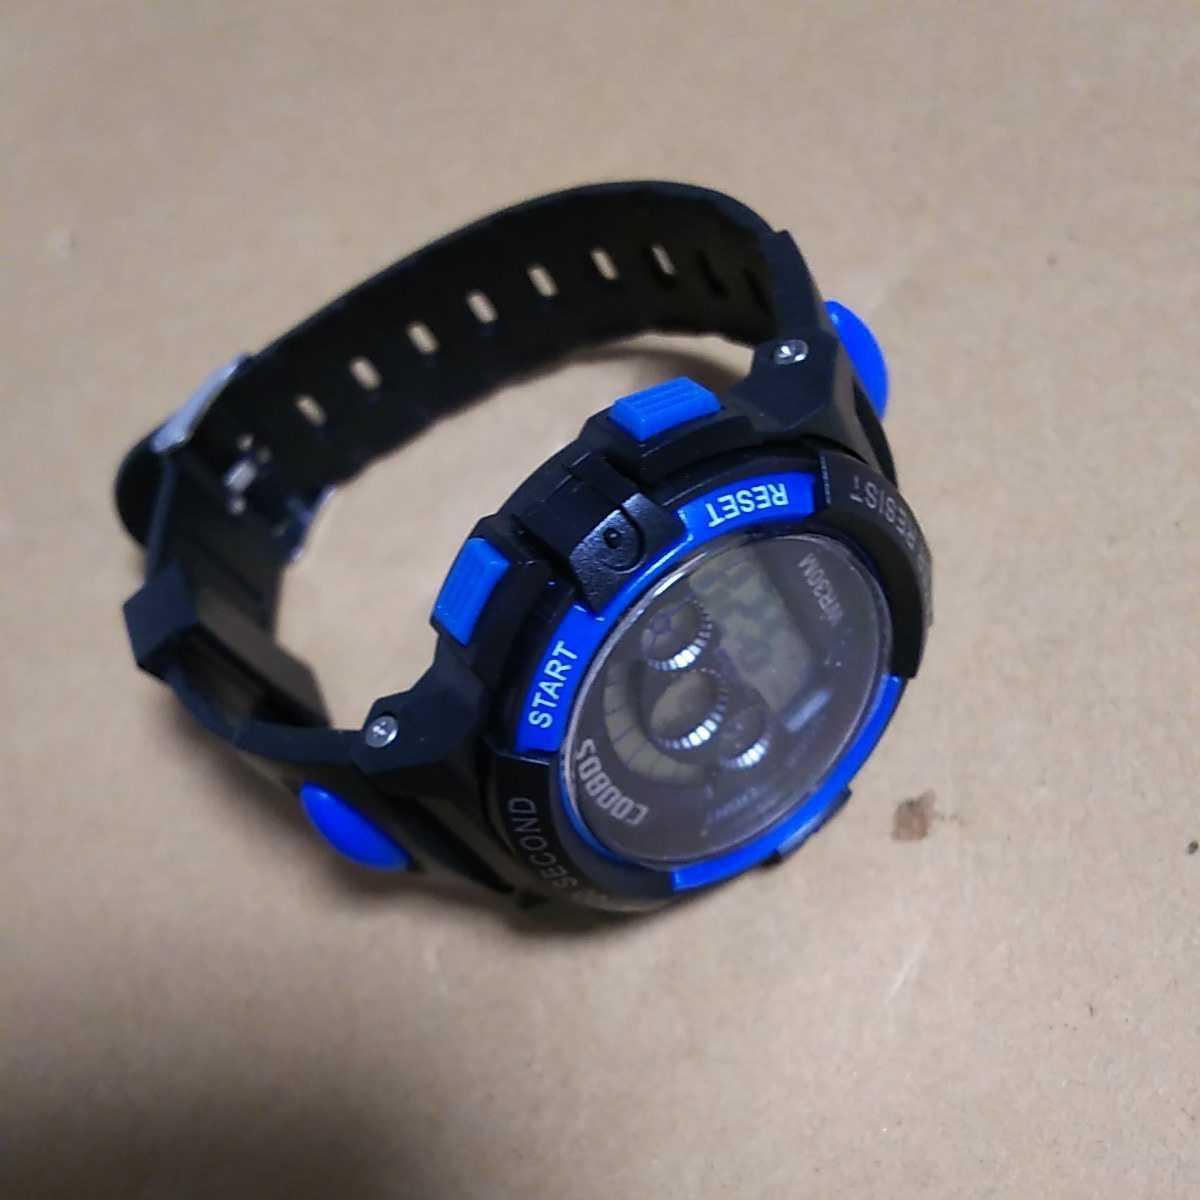 ◆デジタル腕時計 防水腕時計 スポーツウォッチ ストップウォッチ機能付 30M防水 ブルー_画像3